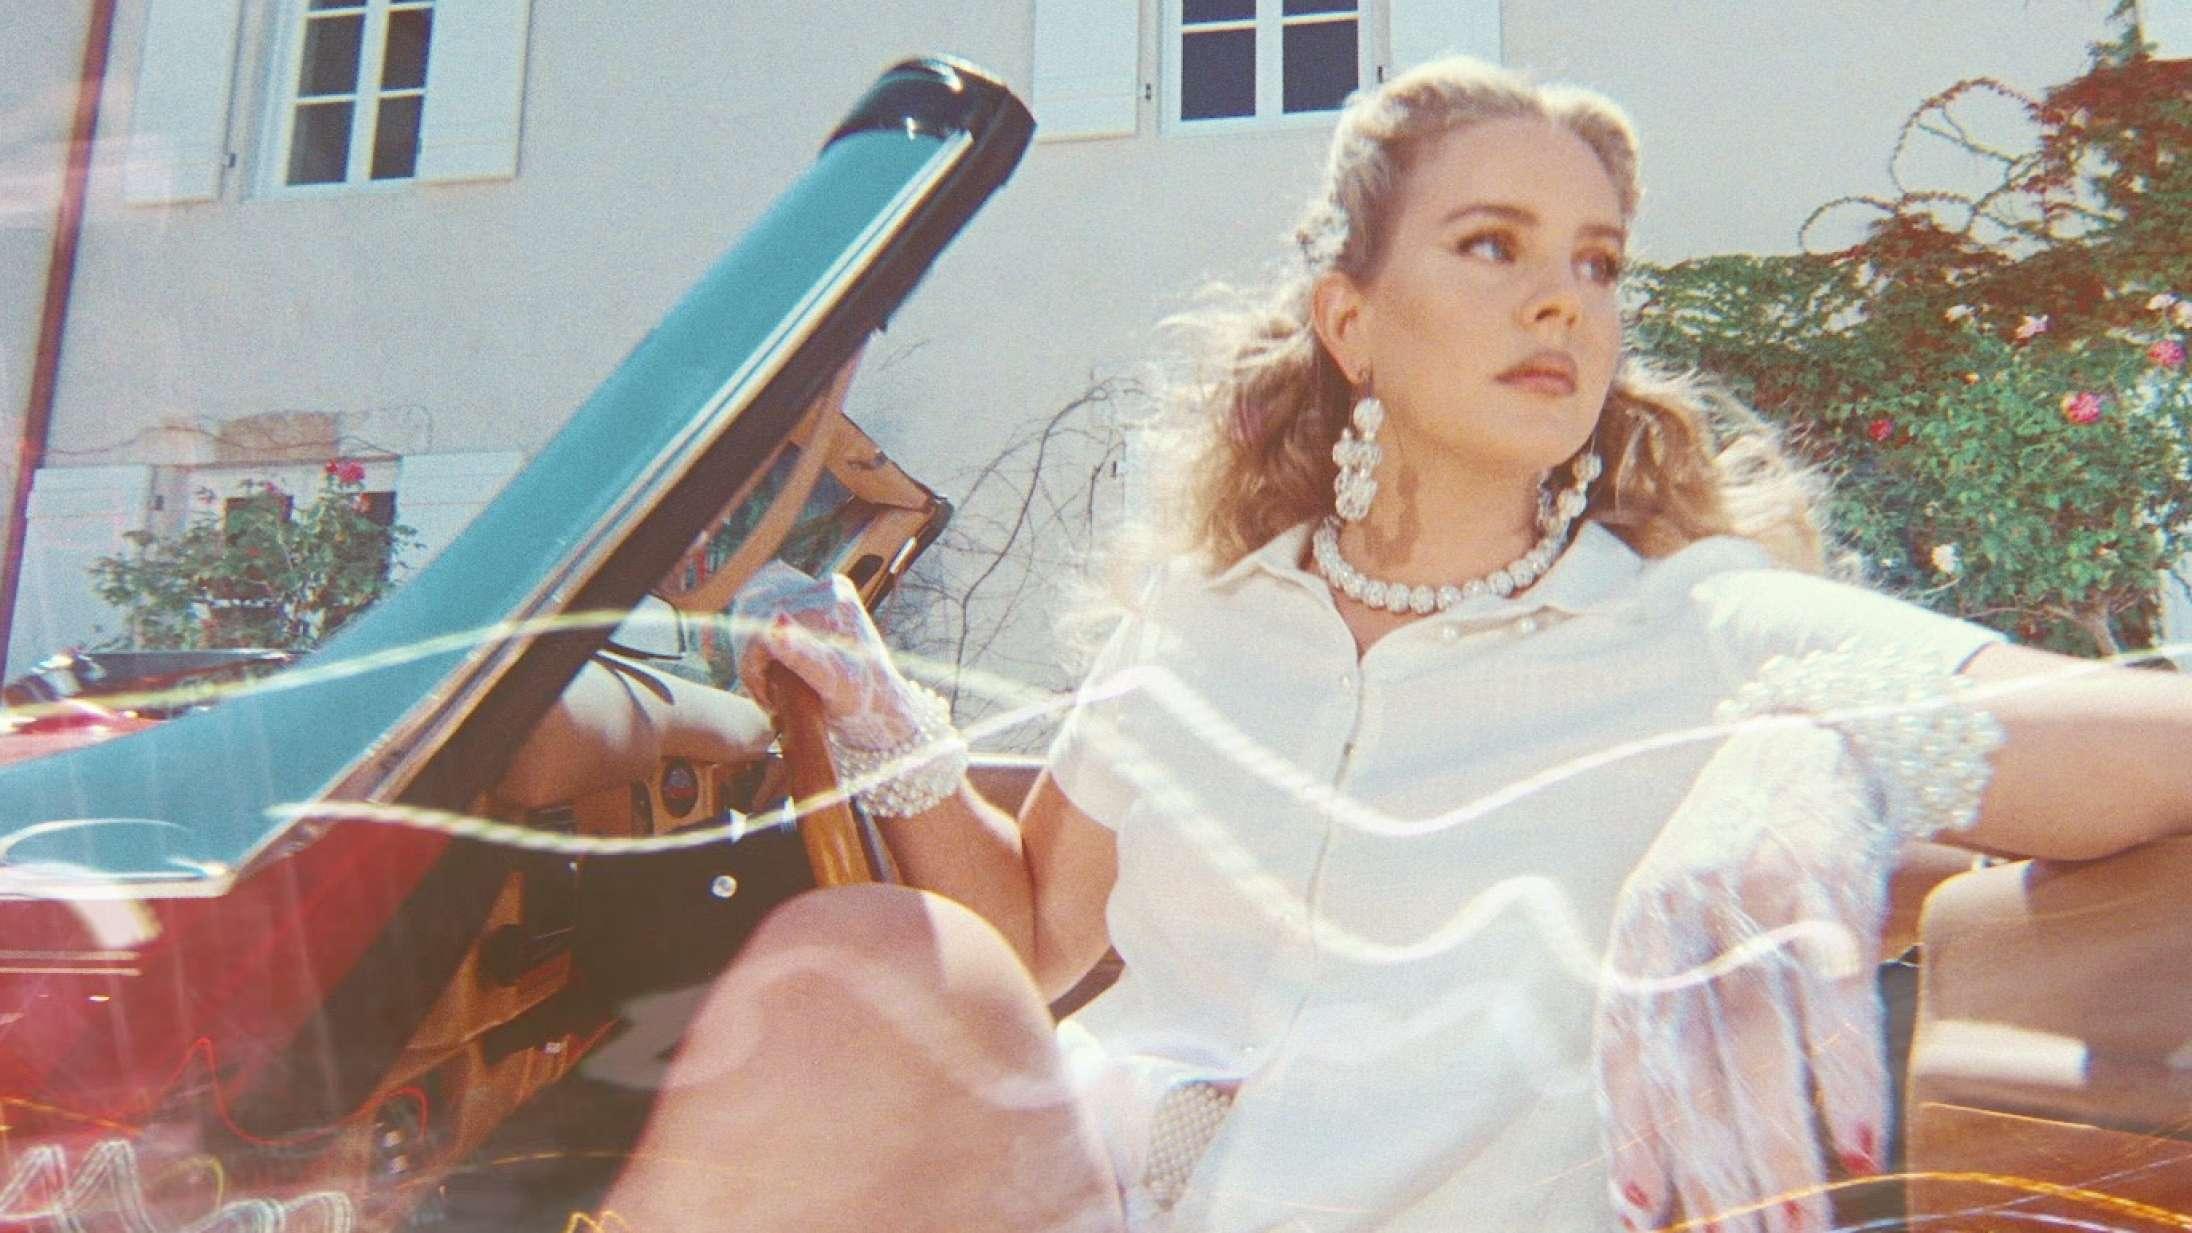 'Chemtrails Over the Country Club': Lana Del Rey vender blikket indad på nyt mesterligt album